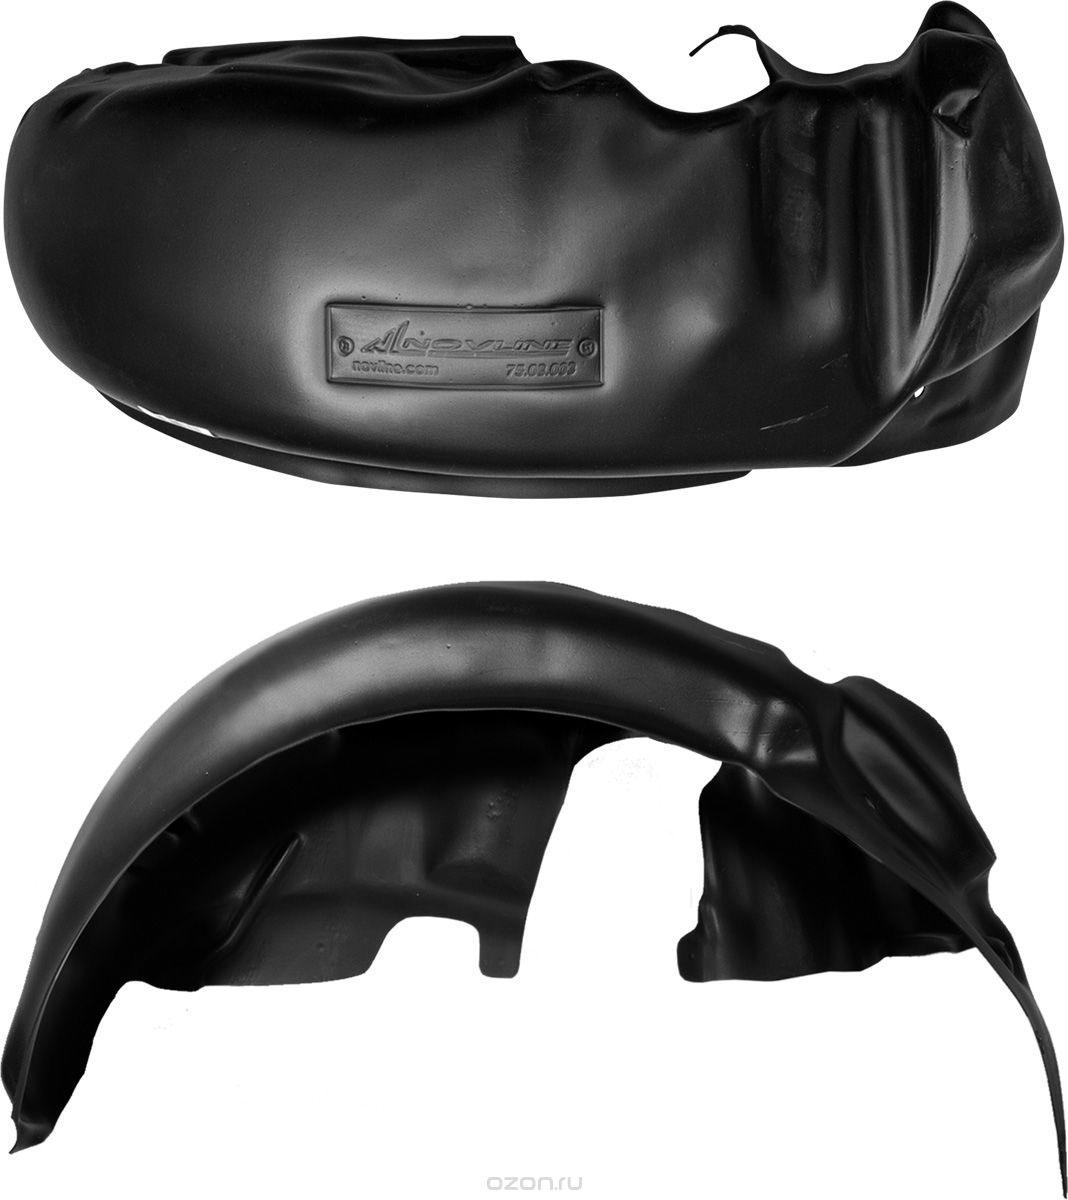 Подкрылок Novline-Autofamily, для Toyota LC200, 11/2007-2011, 2012-2015, 2015->, внедорожник, передний левыйNLL.48.63.001Идеальная защита колесной ниши. Локеры разработаны с применением цифровых технологий, гарантируют максимальную повторяемость поверхности арки. Изделия устанавливаются без нарушения лакокрасочного покрытия автомобиля, каждый подкрылок комплектуется крепежом. Уважаемые клиенты, обращаем ваше внимание, что фотографии на подкрылки универсальные и не отражают реальную форму изделия. При этом само изделие идет точно под размер указанного автомобиля.